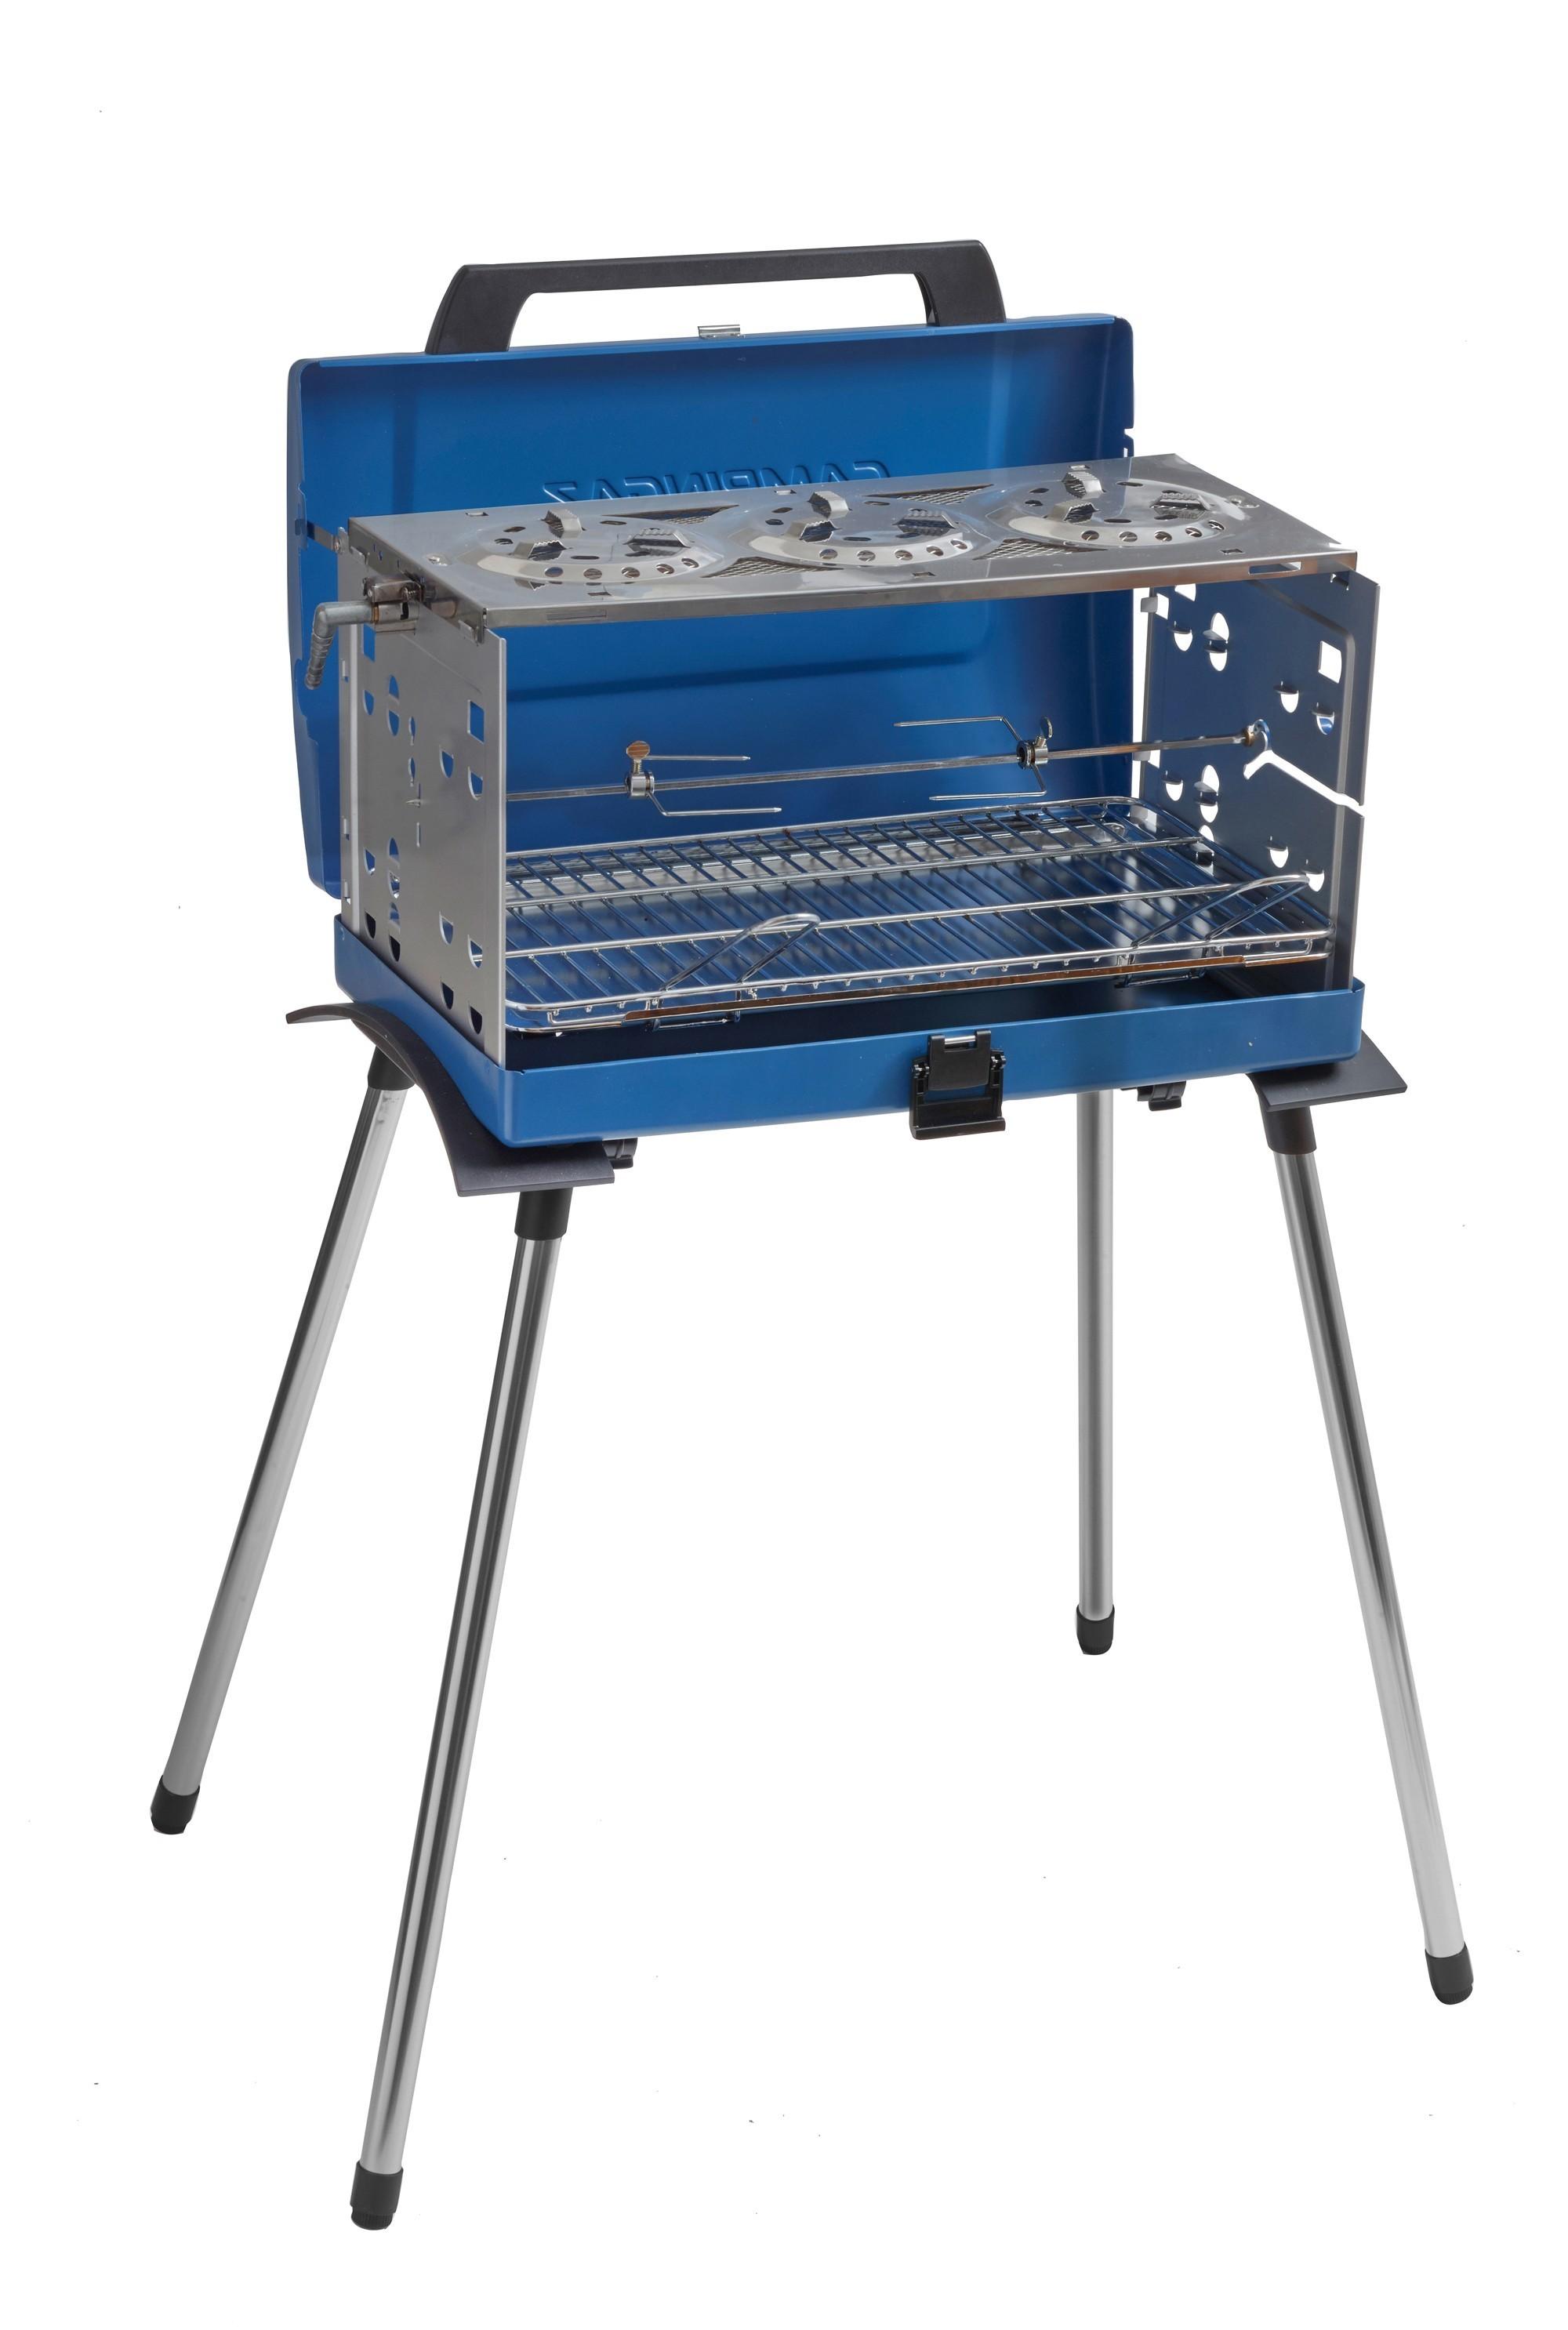 campingaz gasgrill campinggrill 3 flammig mit deckel. Black Bedroom Furniture Sets. Home Design Ideas